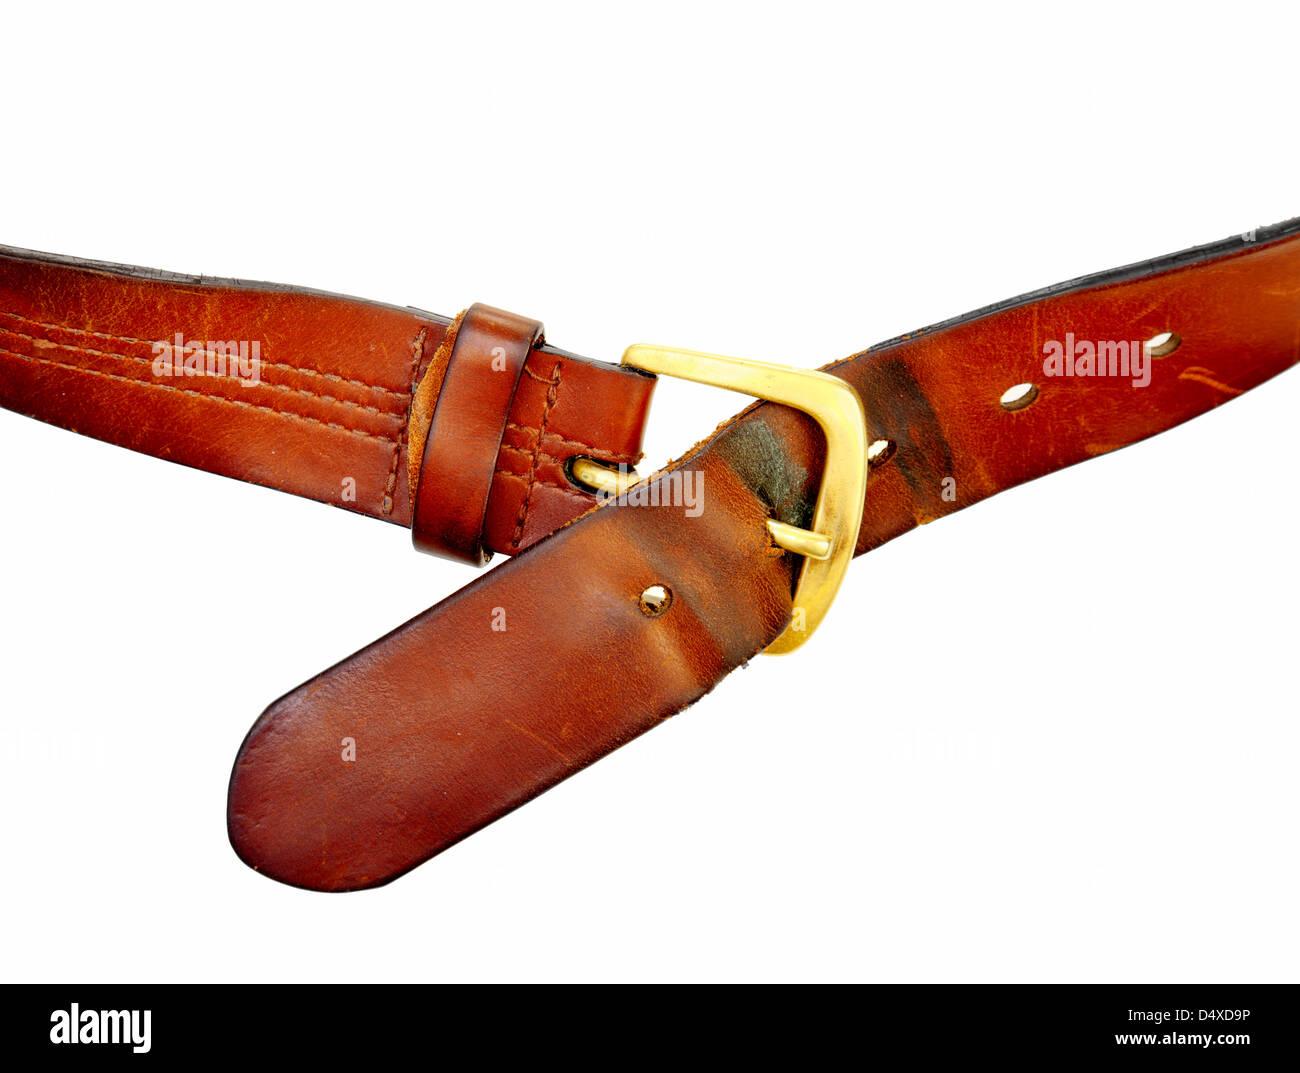 used broun leather belt, isolated on white background - Stock Image